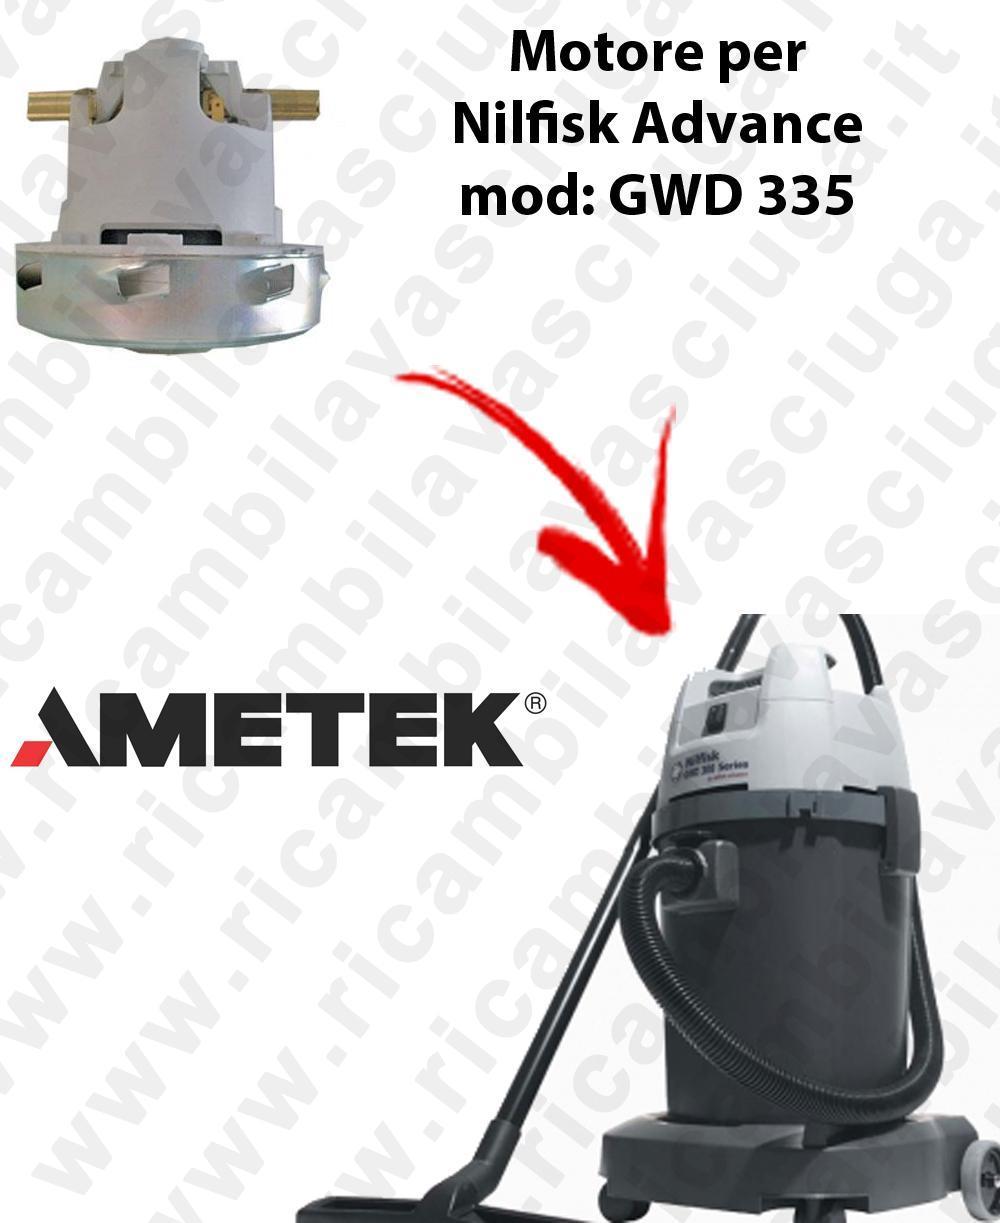 GWD 335 Saugmotor AMETEK für Staubsauger NILFISK ADVANCE